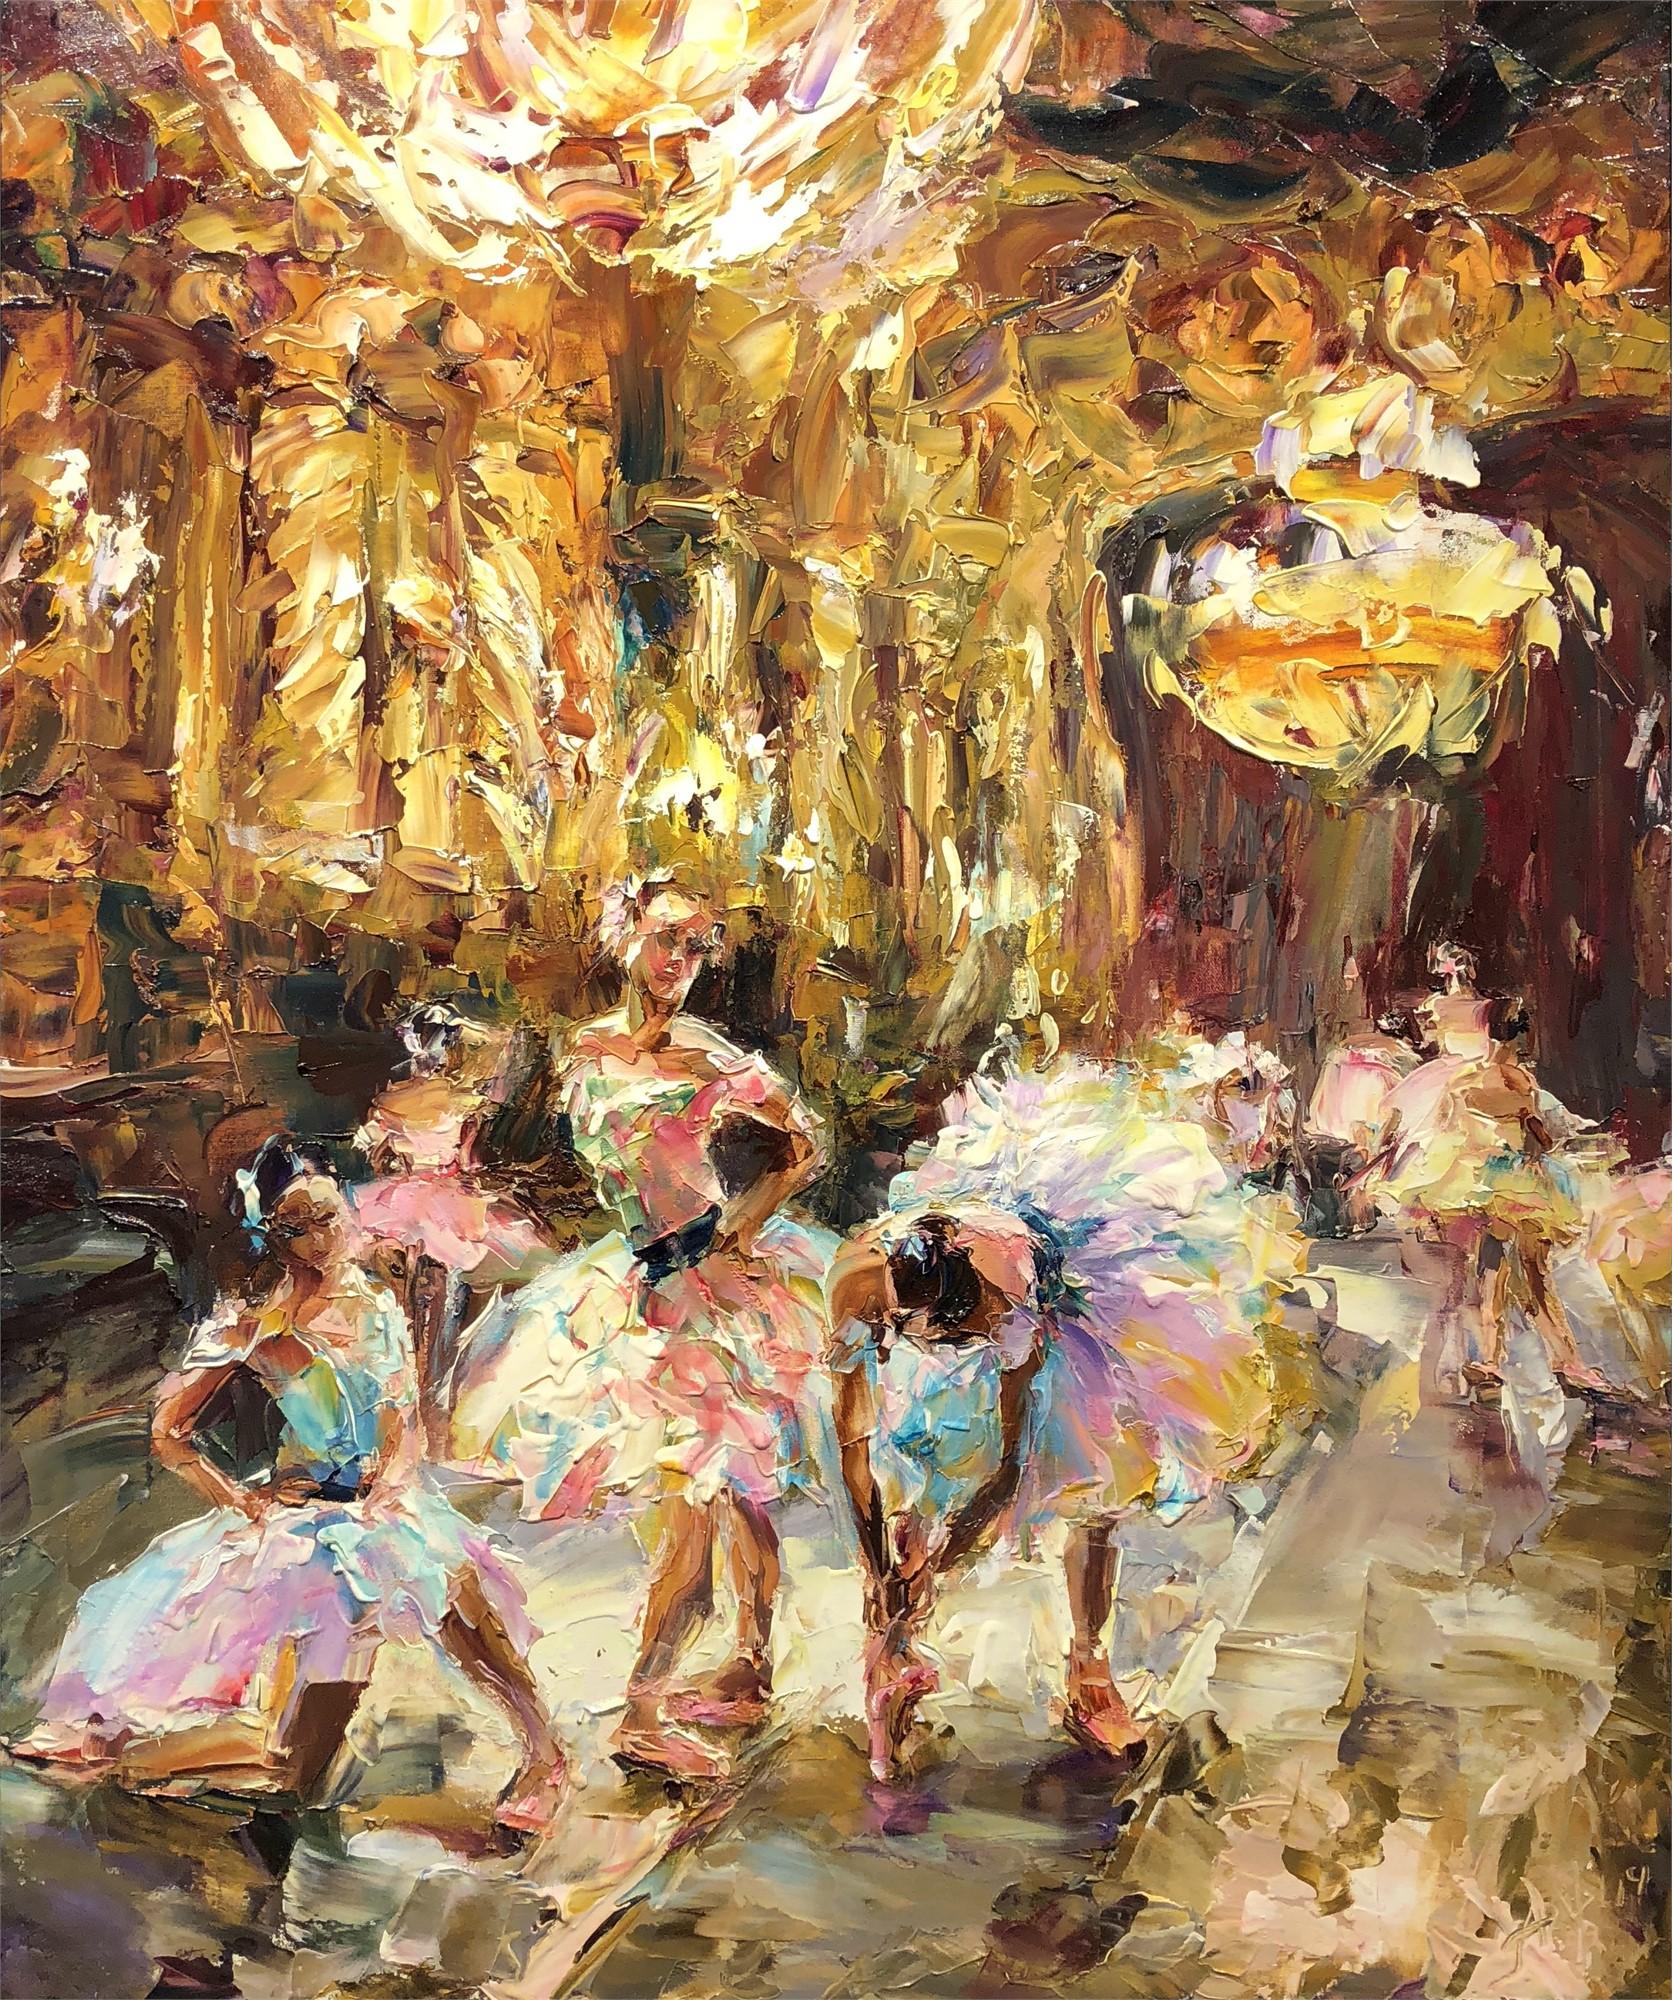 Works by Lyudmila